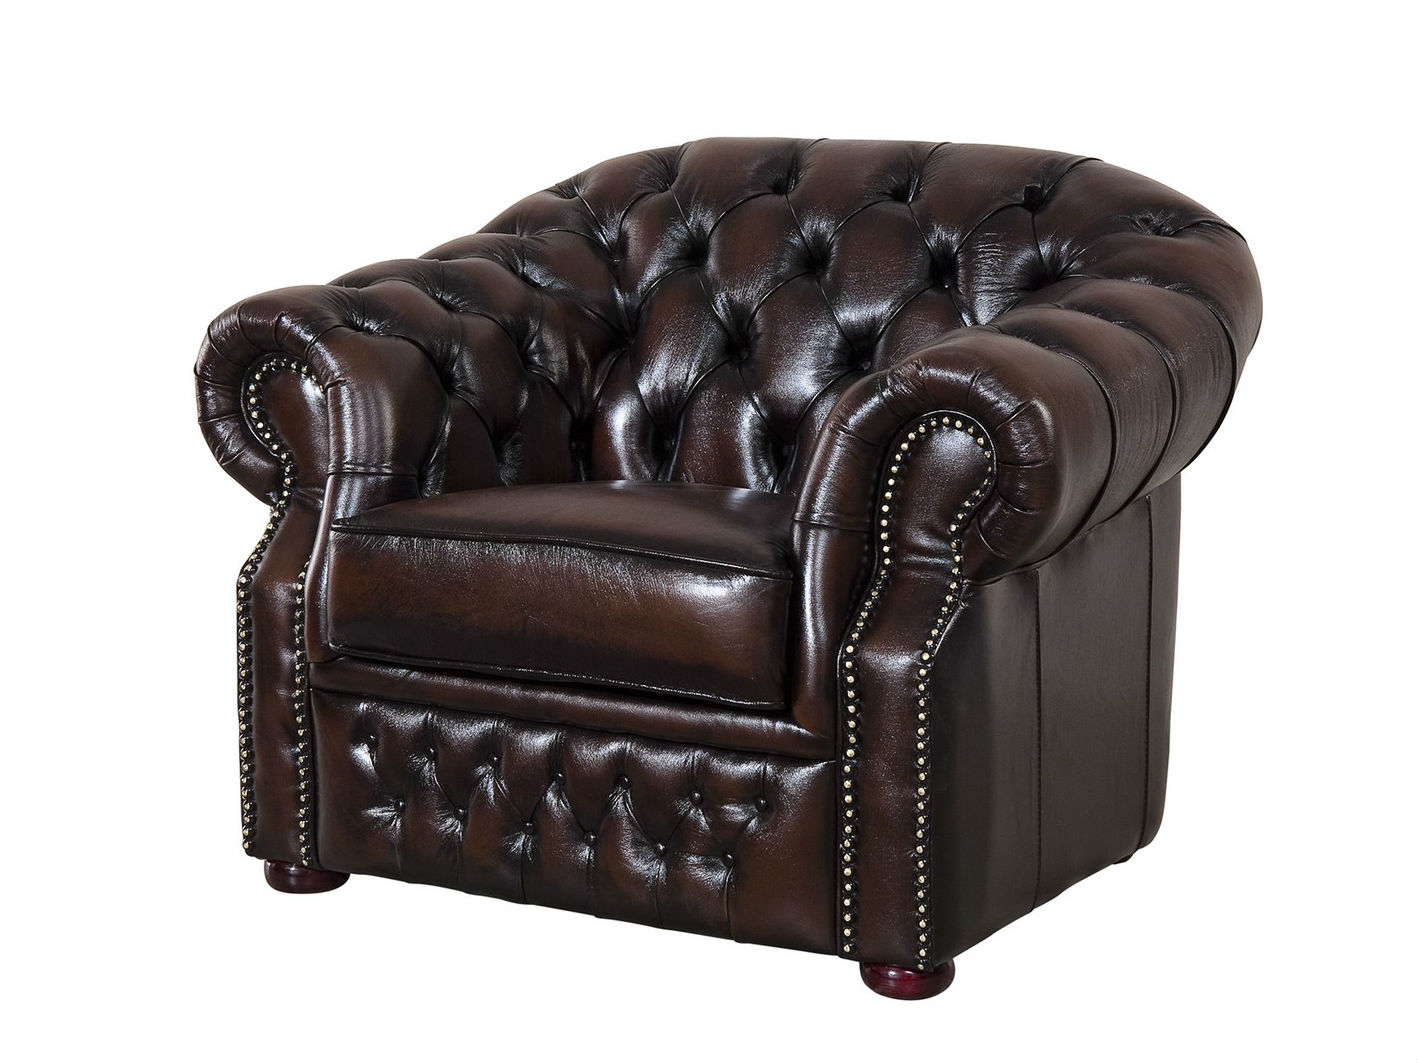 Кресло B-128 цвет 08Кожаные кресла<br><br><br>Material: Кожа<br>Width см: 109<br>Depth см: 99<br>Height см: 79